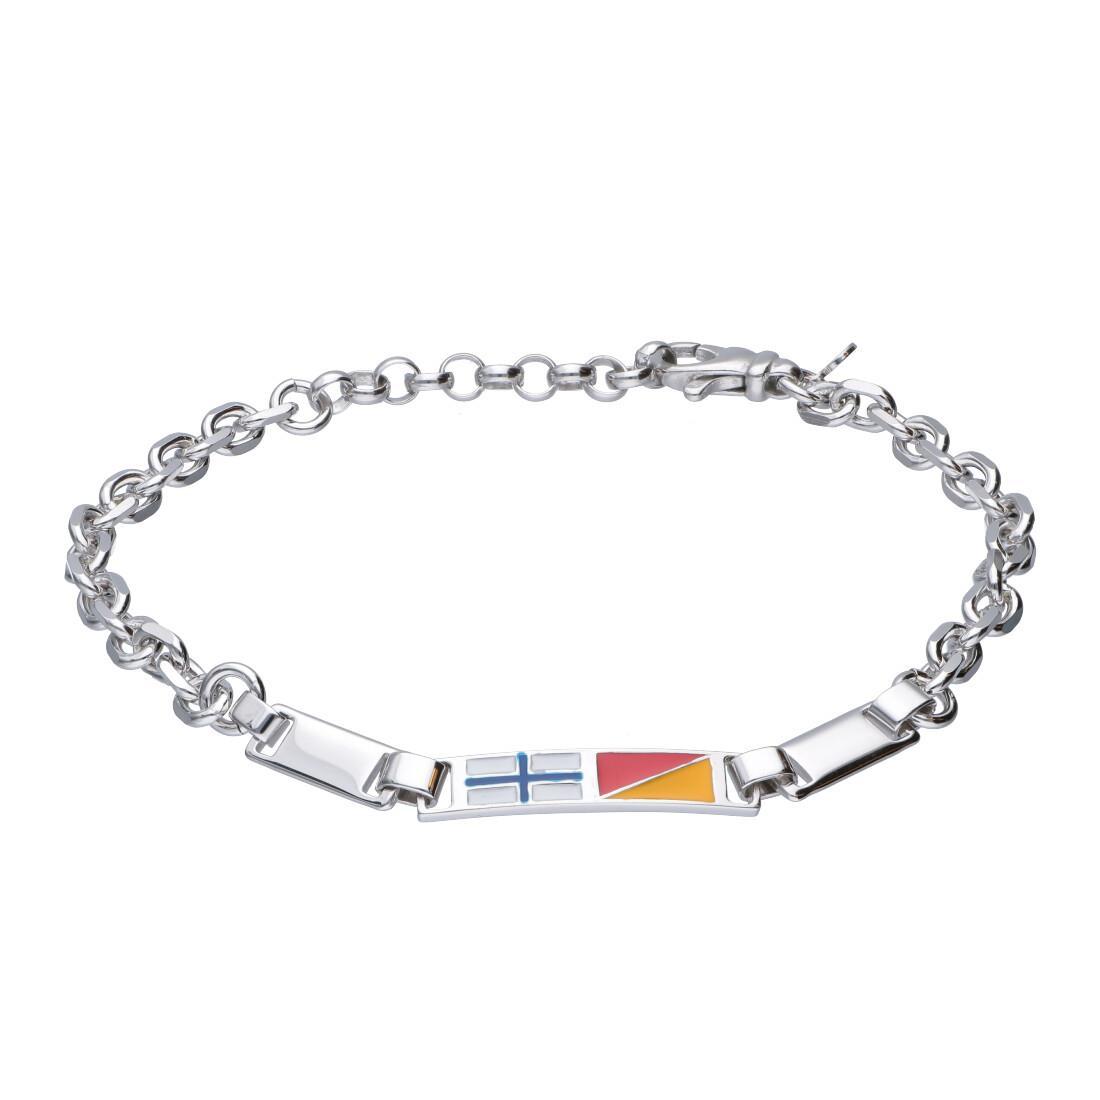 Bracciale uomo in argento 925 - ORO&CO